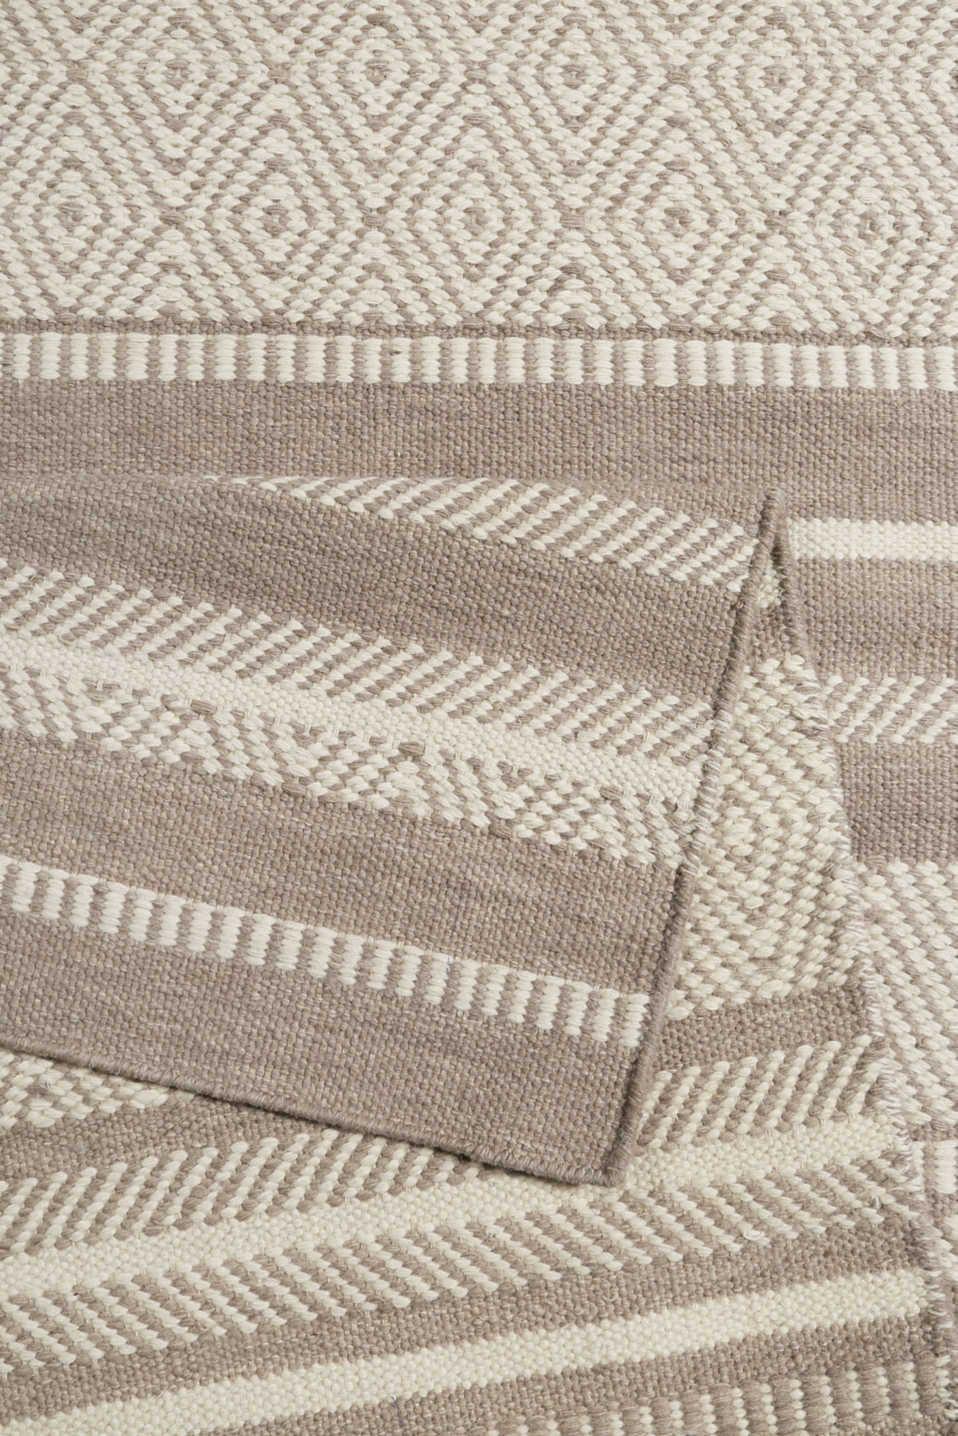 Handweb Teppich Aus 100 Schurwolle Gewobener Teppich Teppich Handwebteppiche